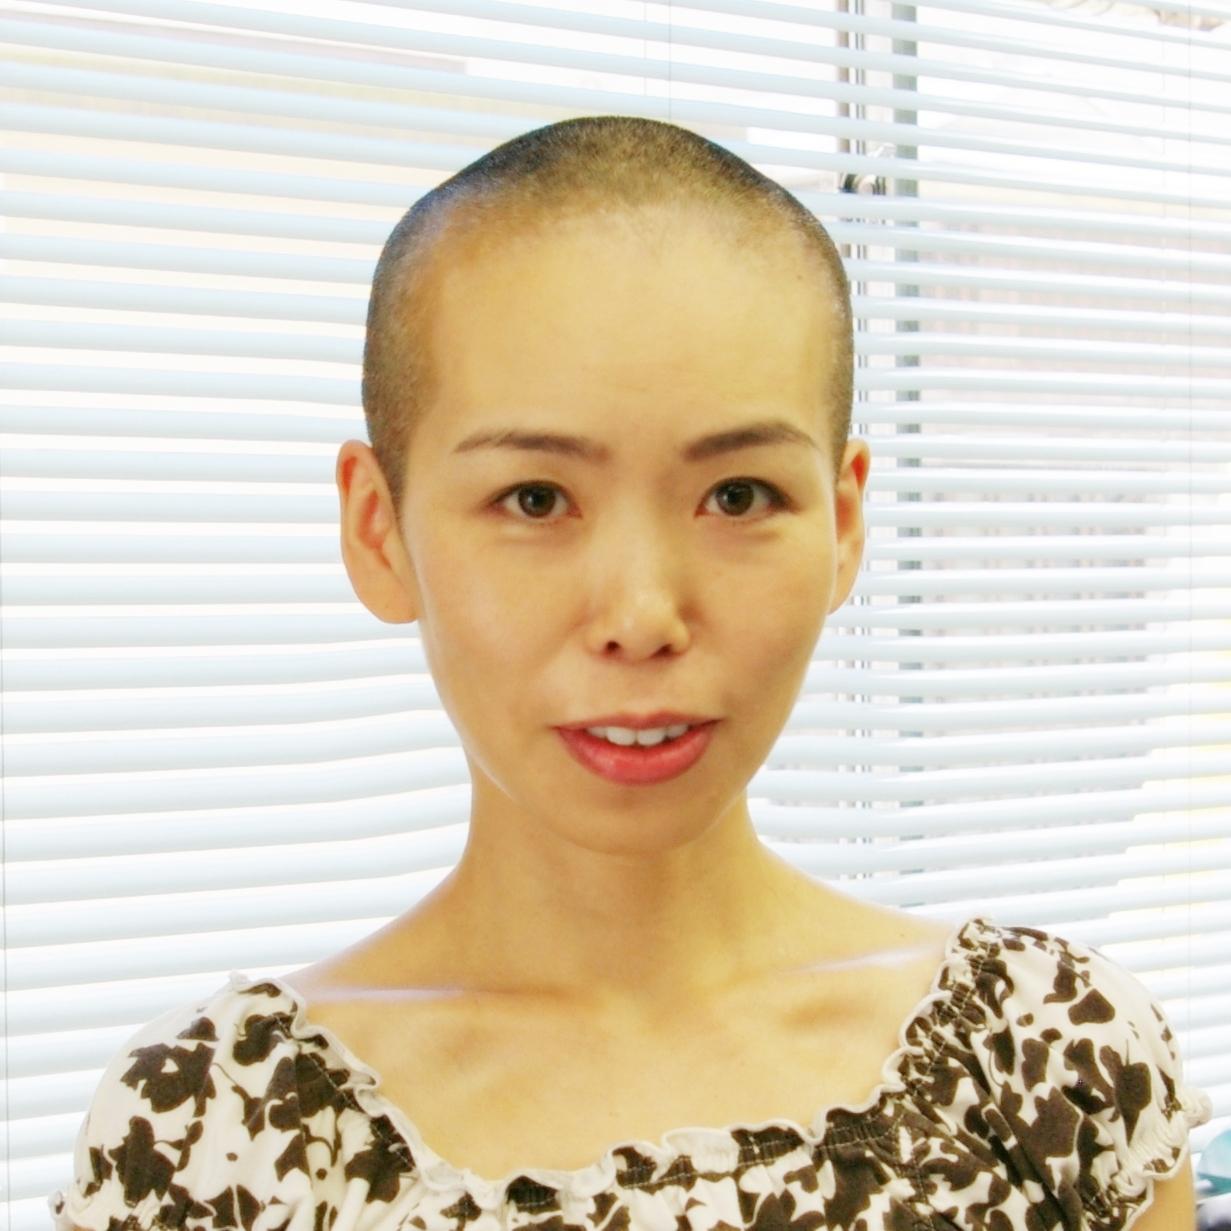 医療用つけ毛のお店鈴珠|インナーウィッグ・帽子用ウィッグ通販